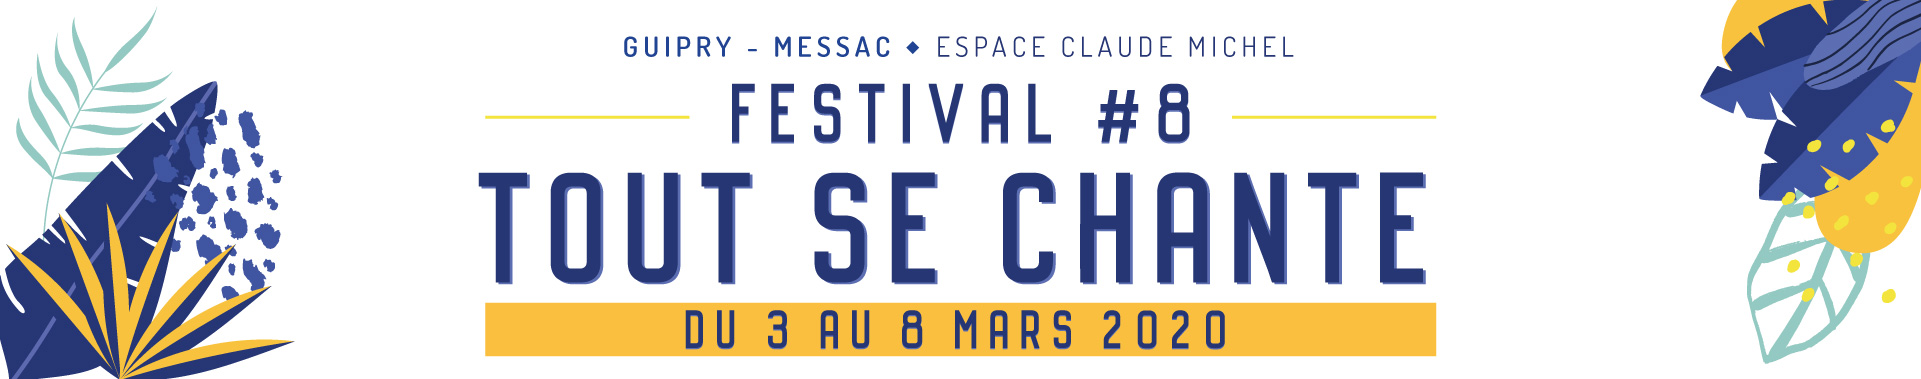 festival-tout-se-chante-2020-guipry-messac-bandeau